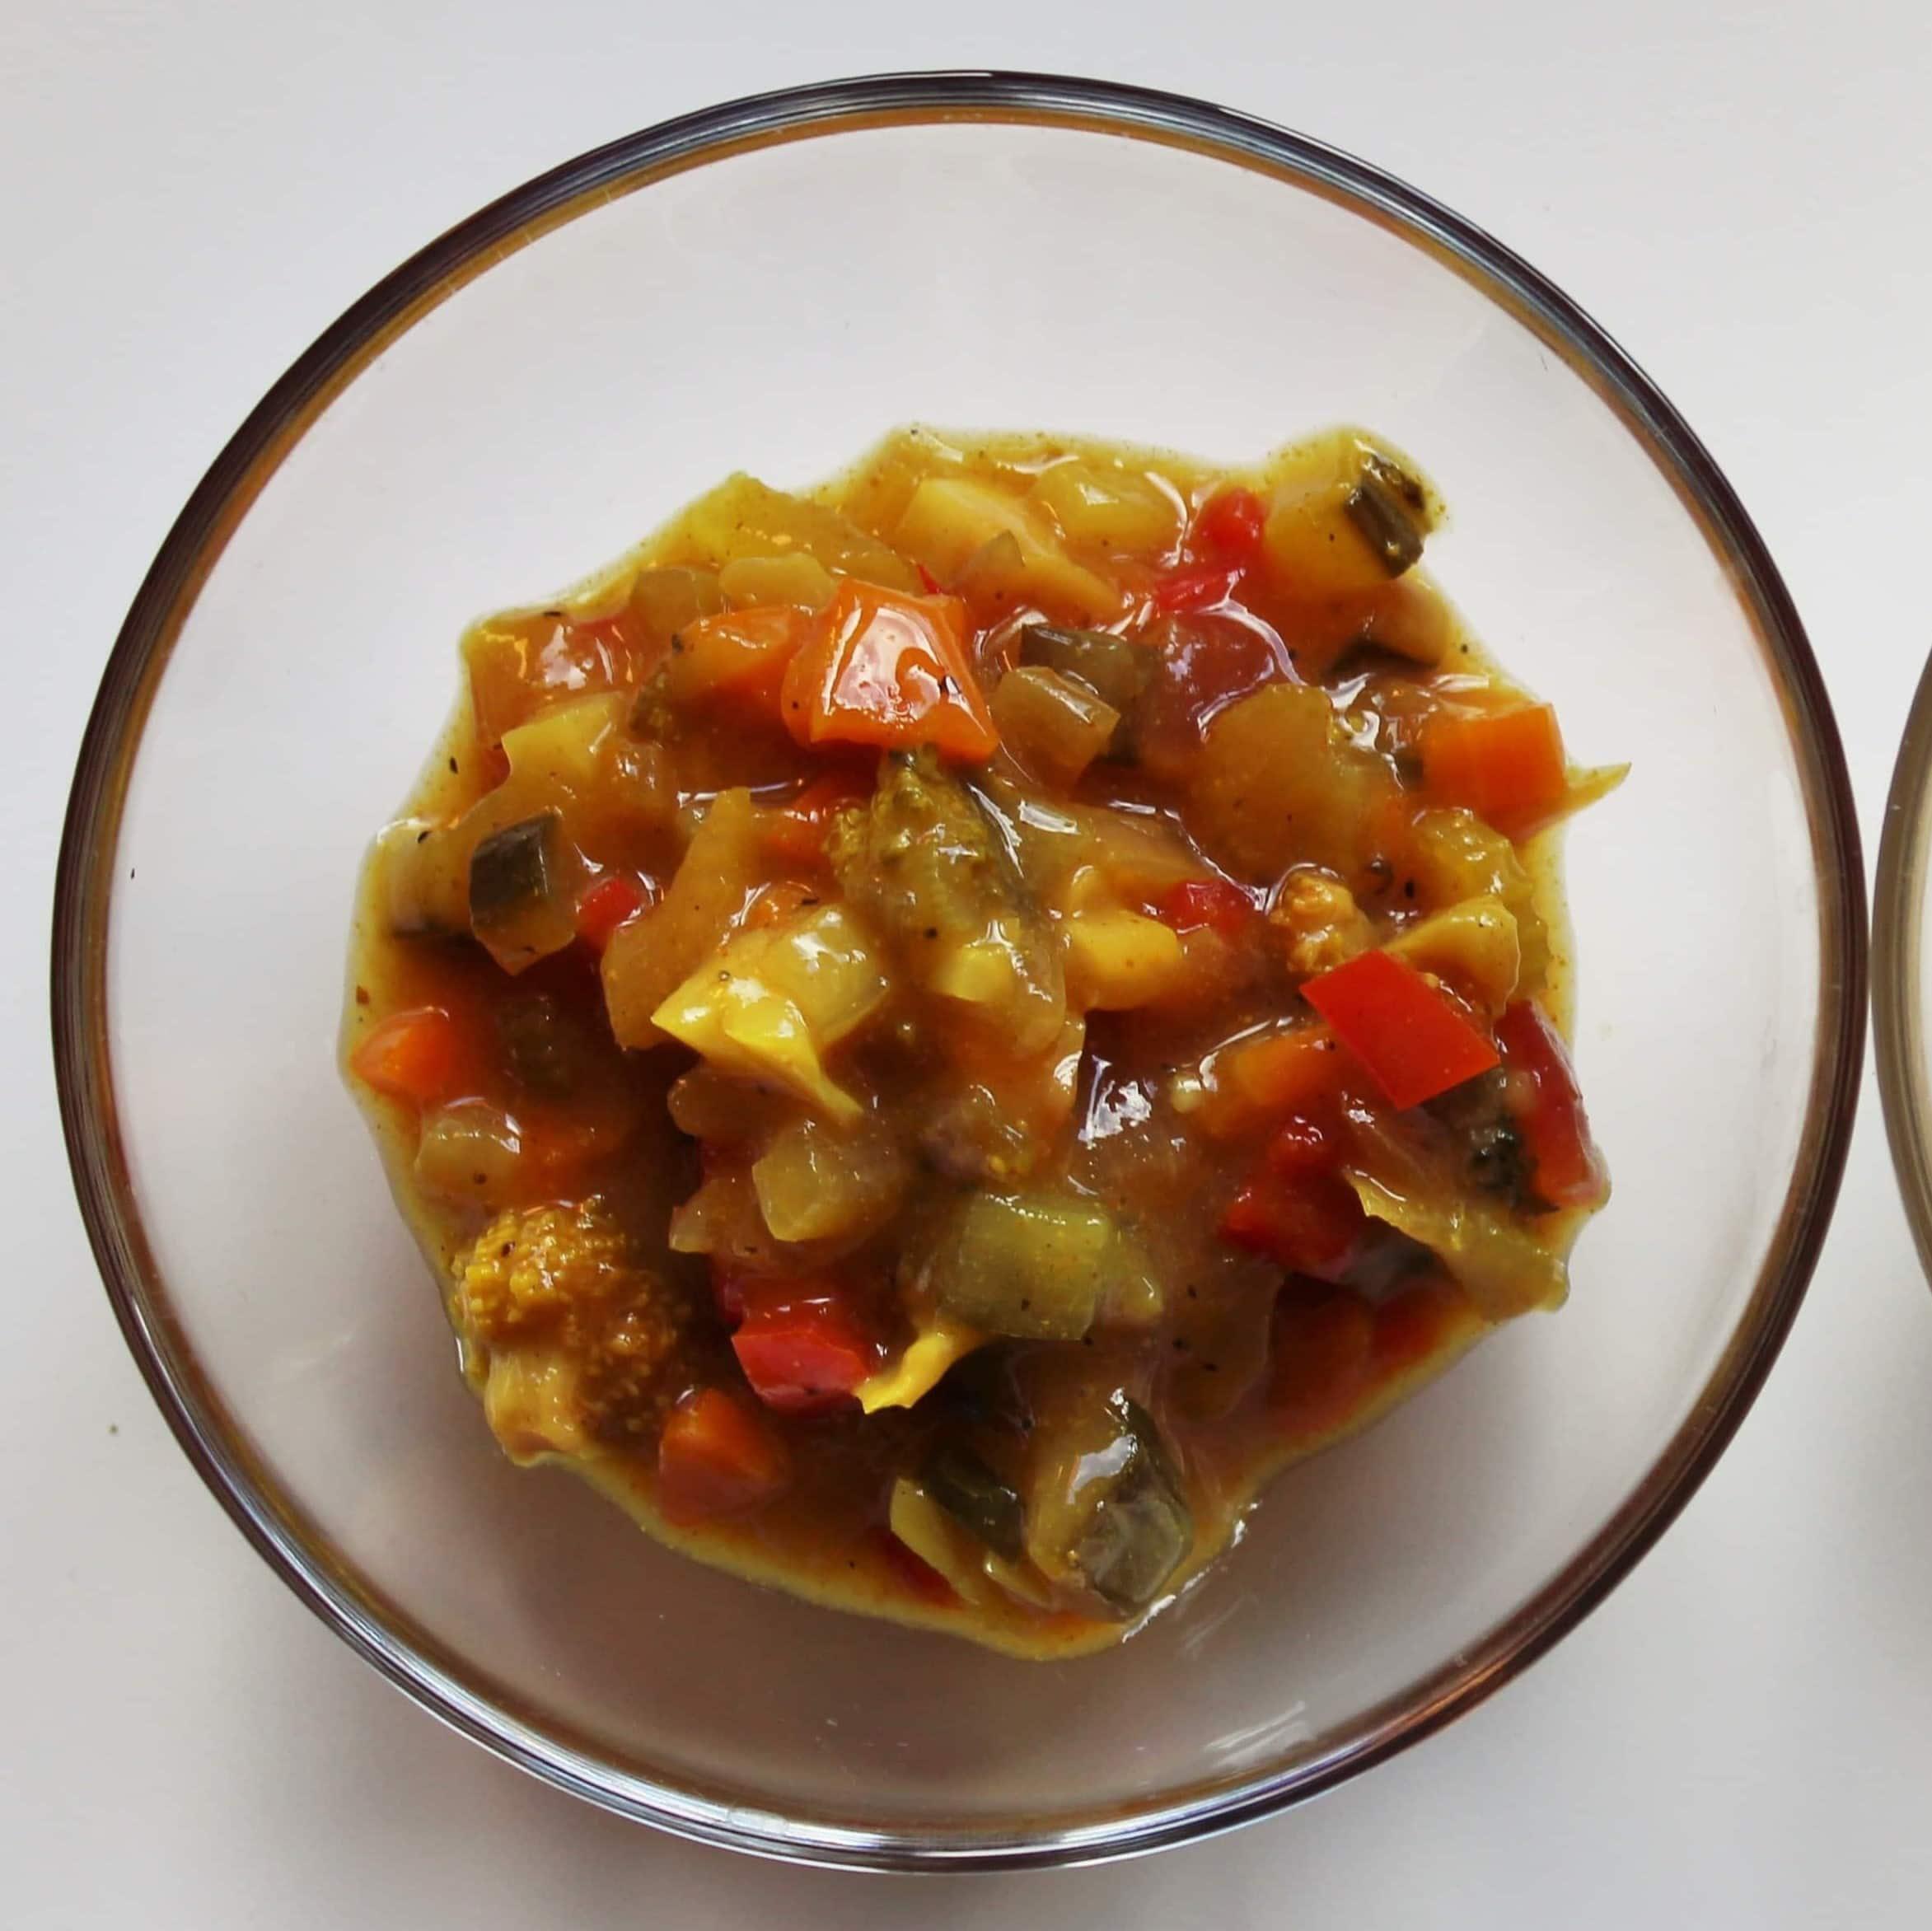 Pickles er en super måde at få brugt resterne i grøntsagsskuffen på. Det er et lækkert i en sandwich eller som tilbehør til kød. Du får den bedste remoulade, hvis du hakker din pickles og blander den med en god (hjemmelavet) mayonnaise. Find opskrifter, gratis download, print og inspiration til årets gang på danishthings.com #DanishThings #pickles #sennepspickles #sylt #grøntsager #remoulade #hjemmelavet-remoulade